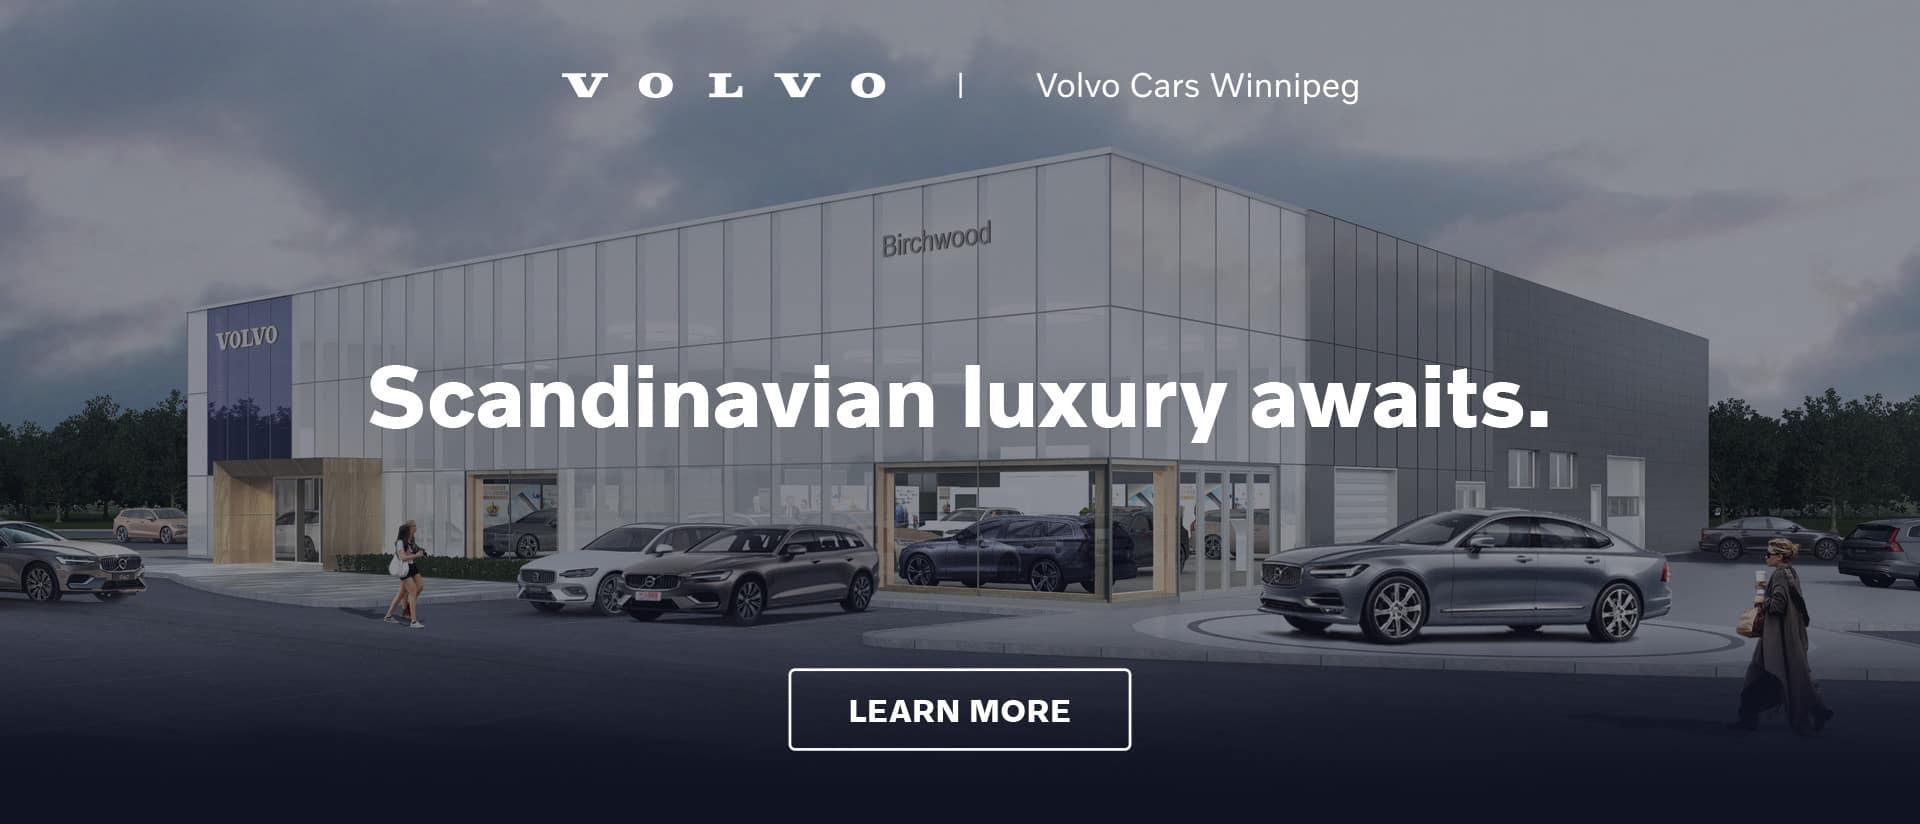 Volvo Cars Winnipeg Scandinavian Luxury Awaits